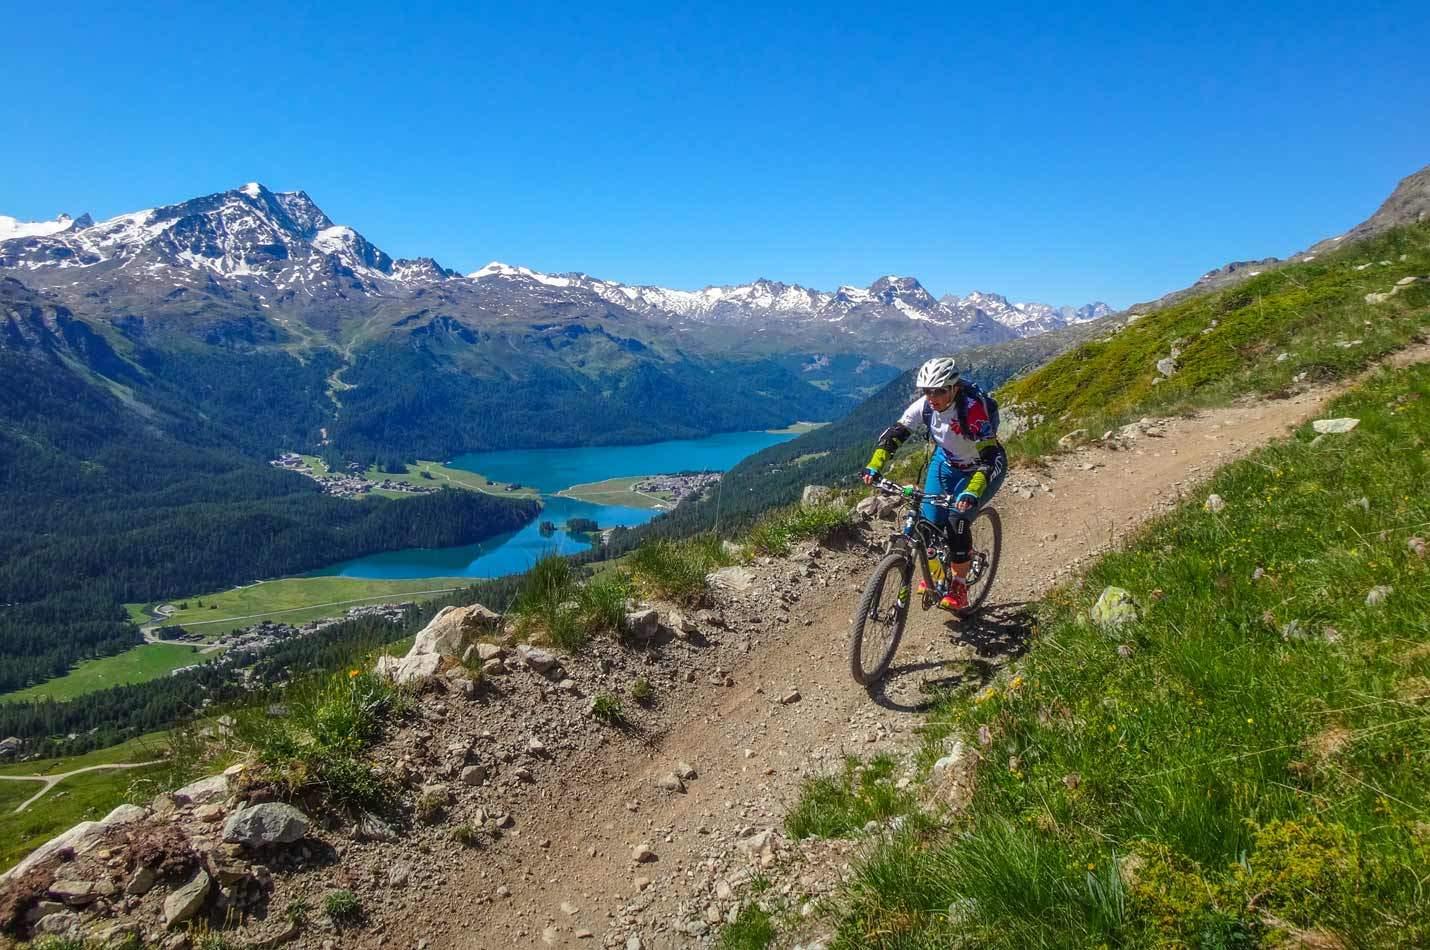 Ladies Celerina Wochenende mit einer Bikerin auf einem Flow Trail oberhalb der Engadiner Seen